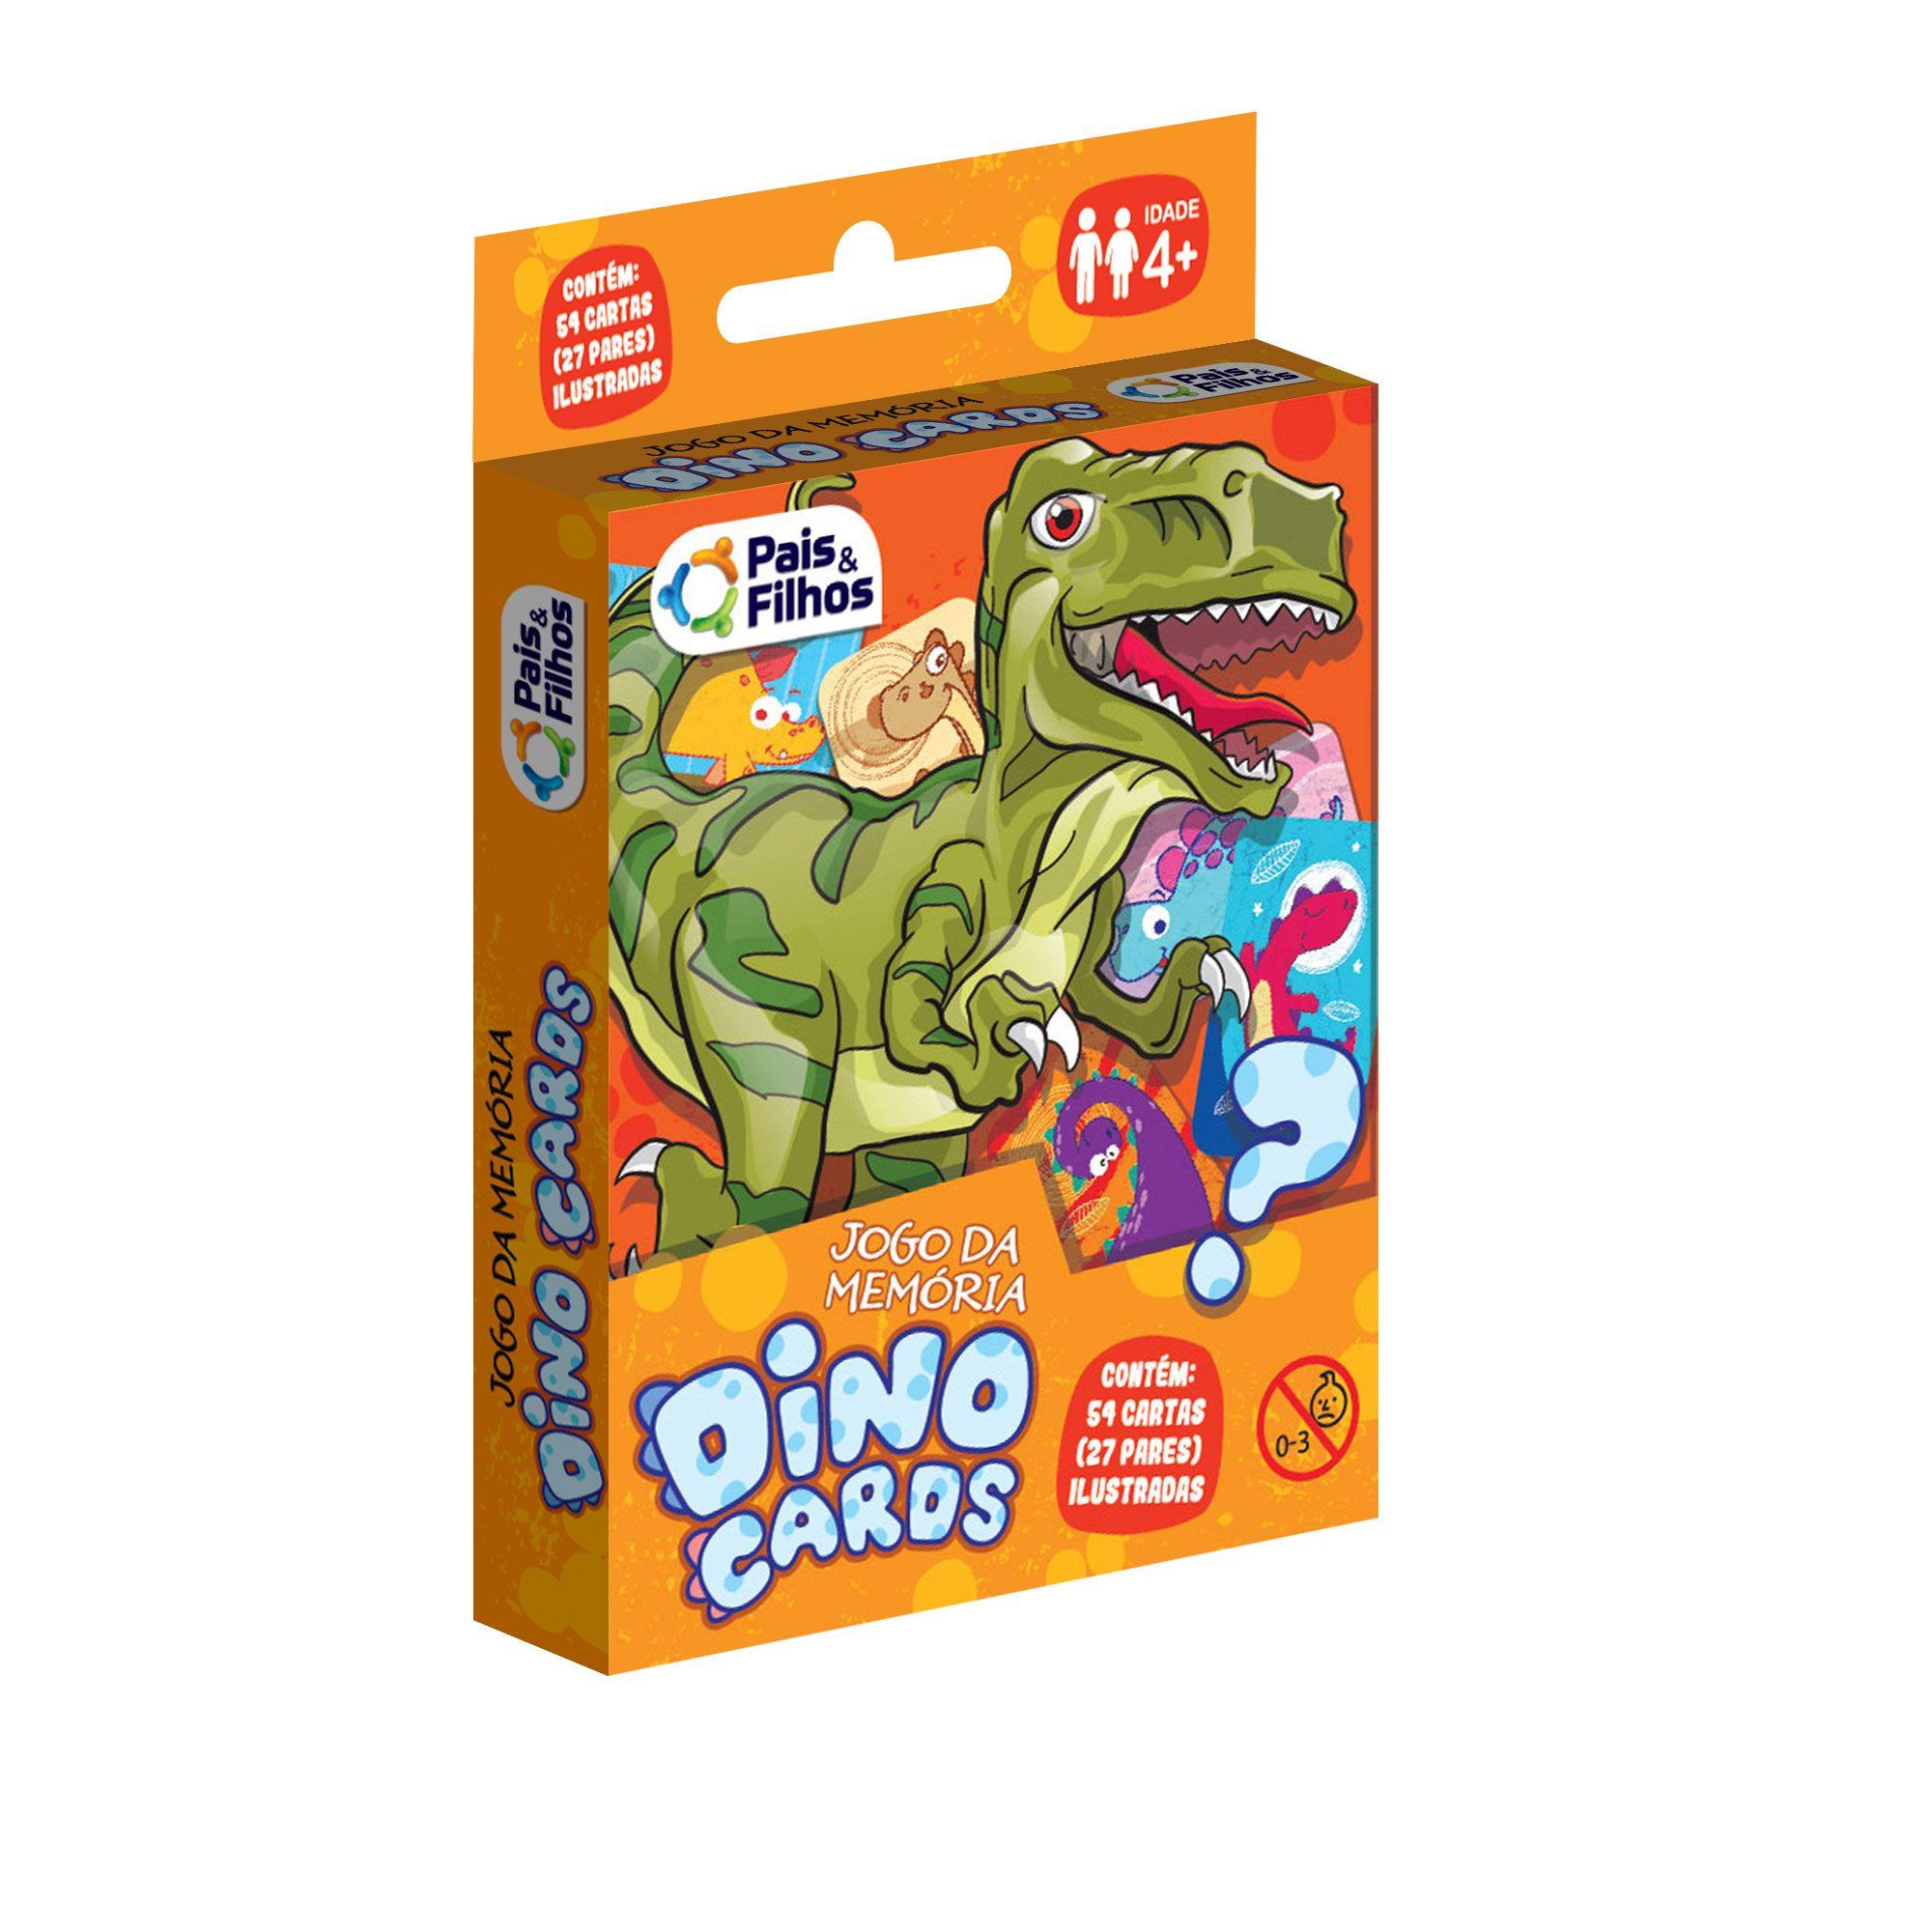 Jogo da memória Dino cards-7221